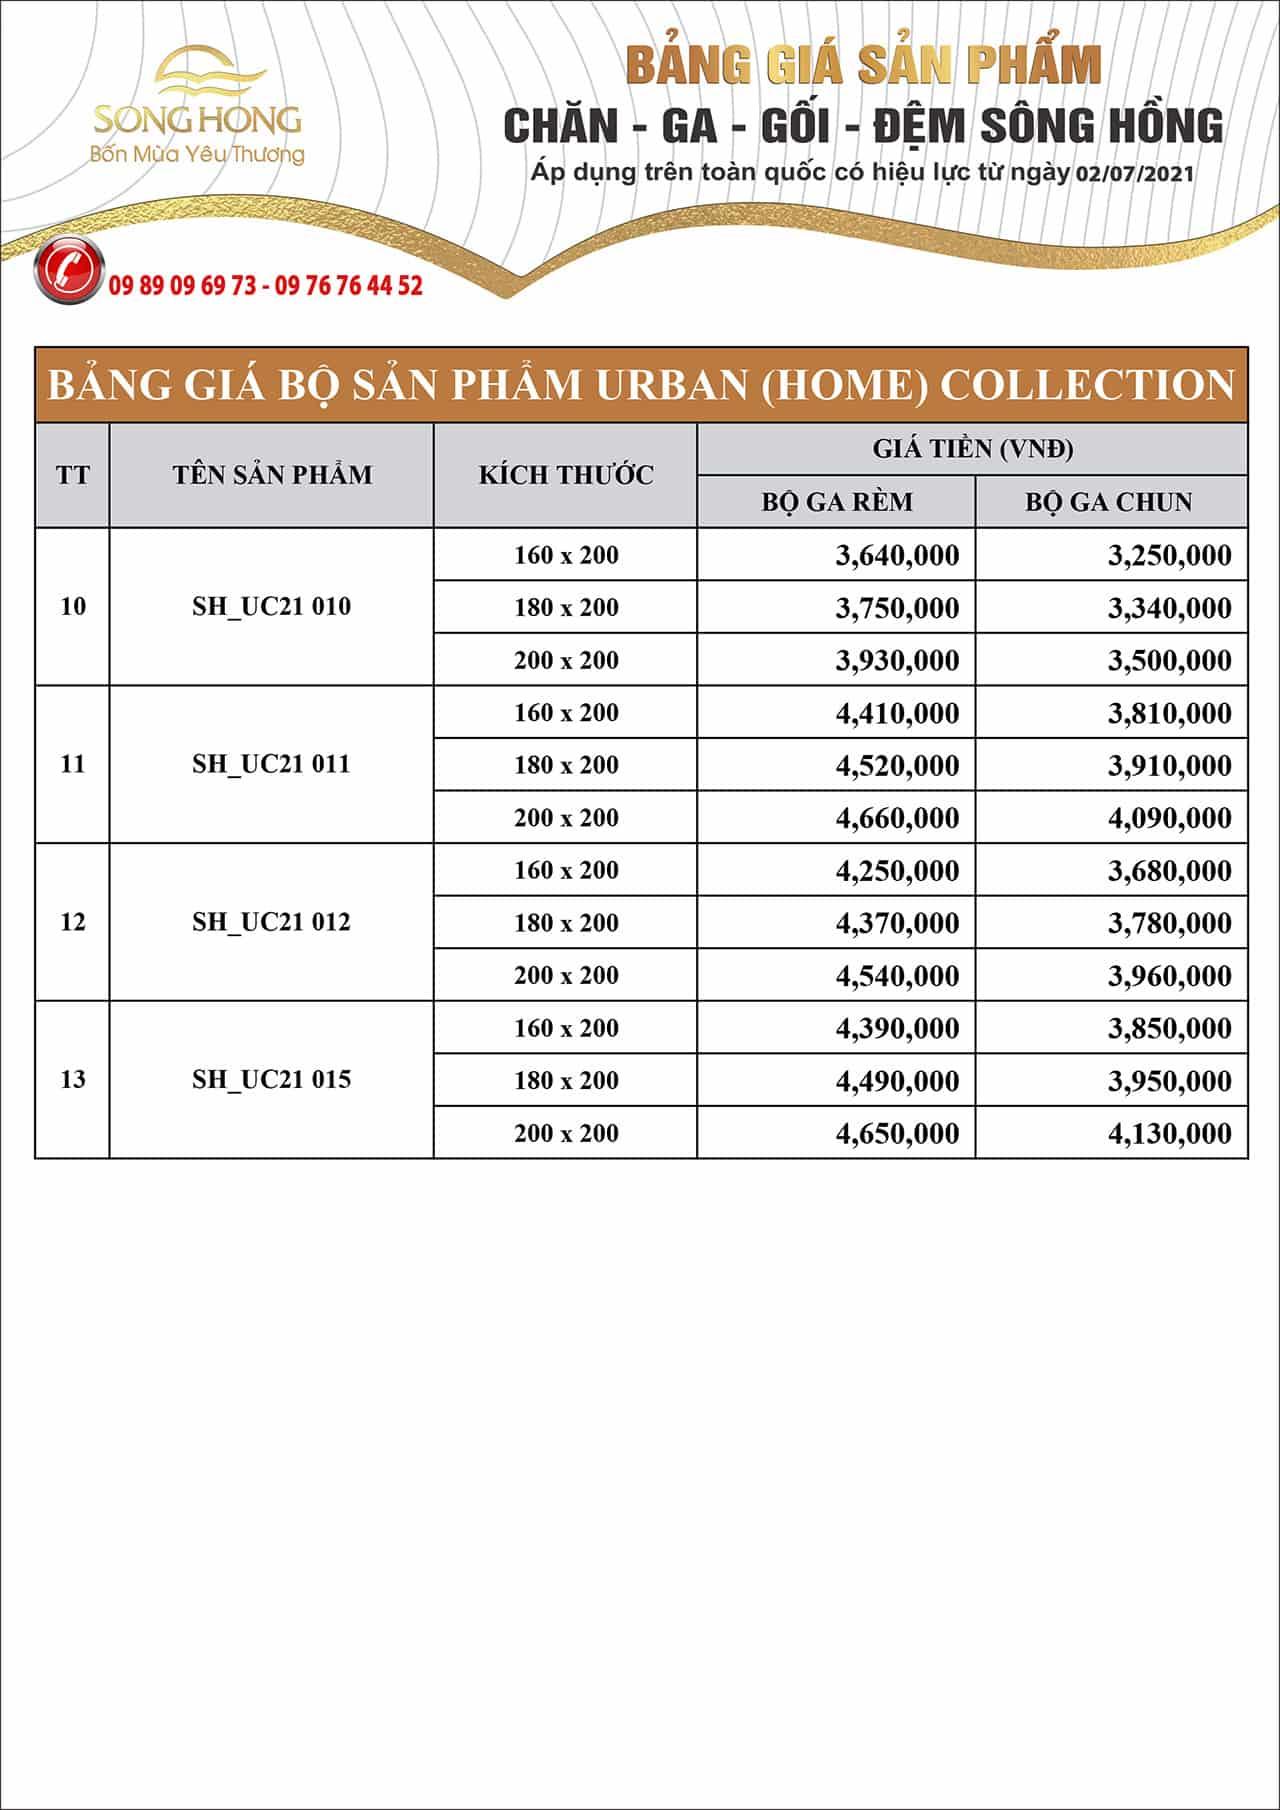 Bảng giá bộ chăn ga gối Sông Hồng Urban (home) collection 2021 - Phần 2